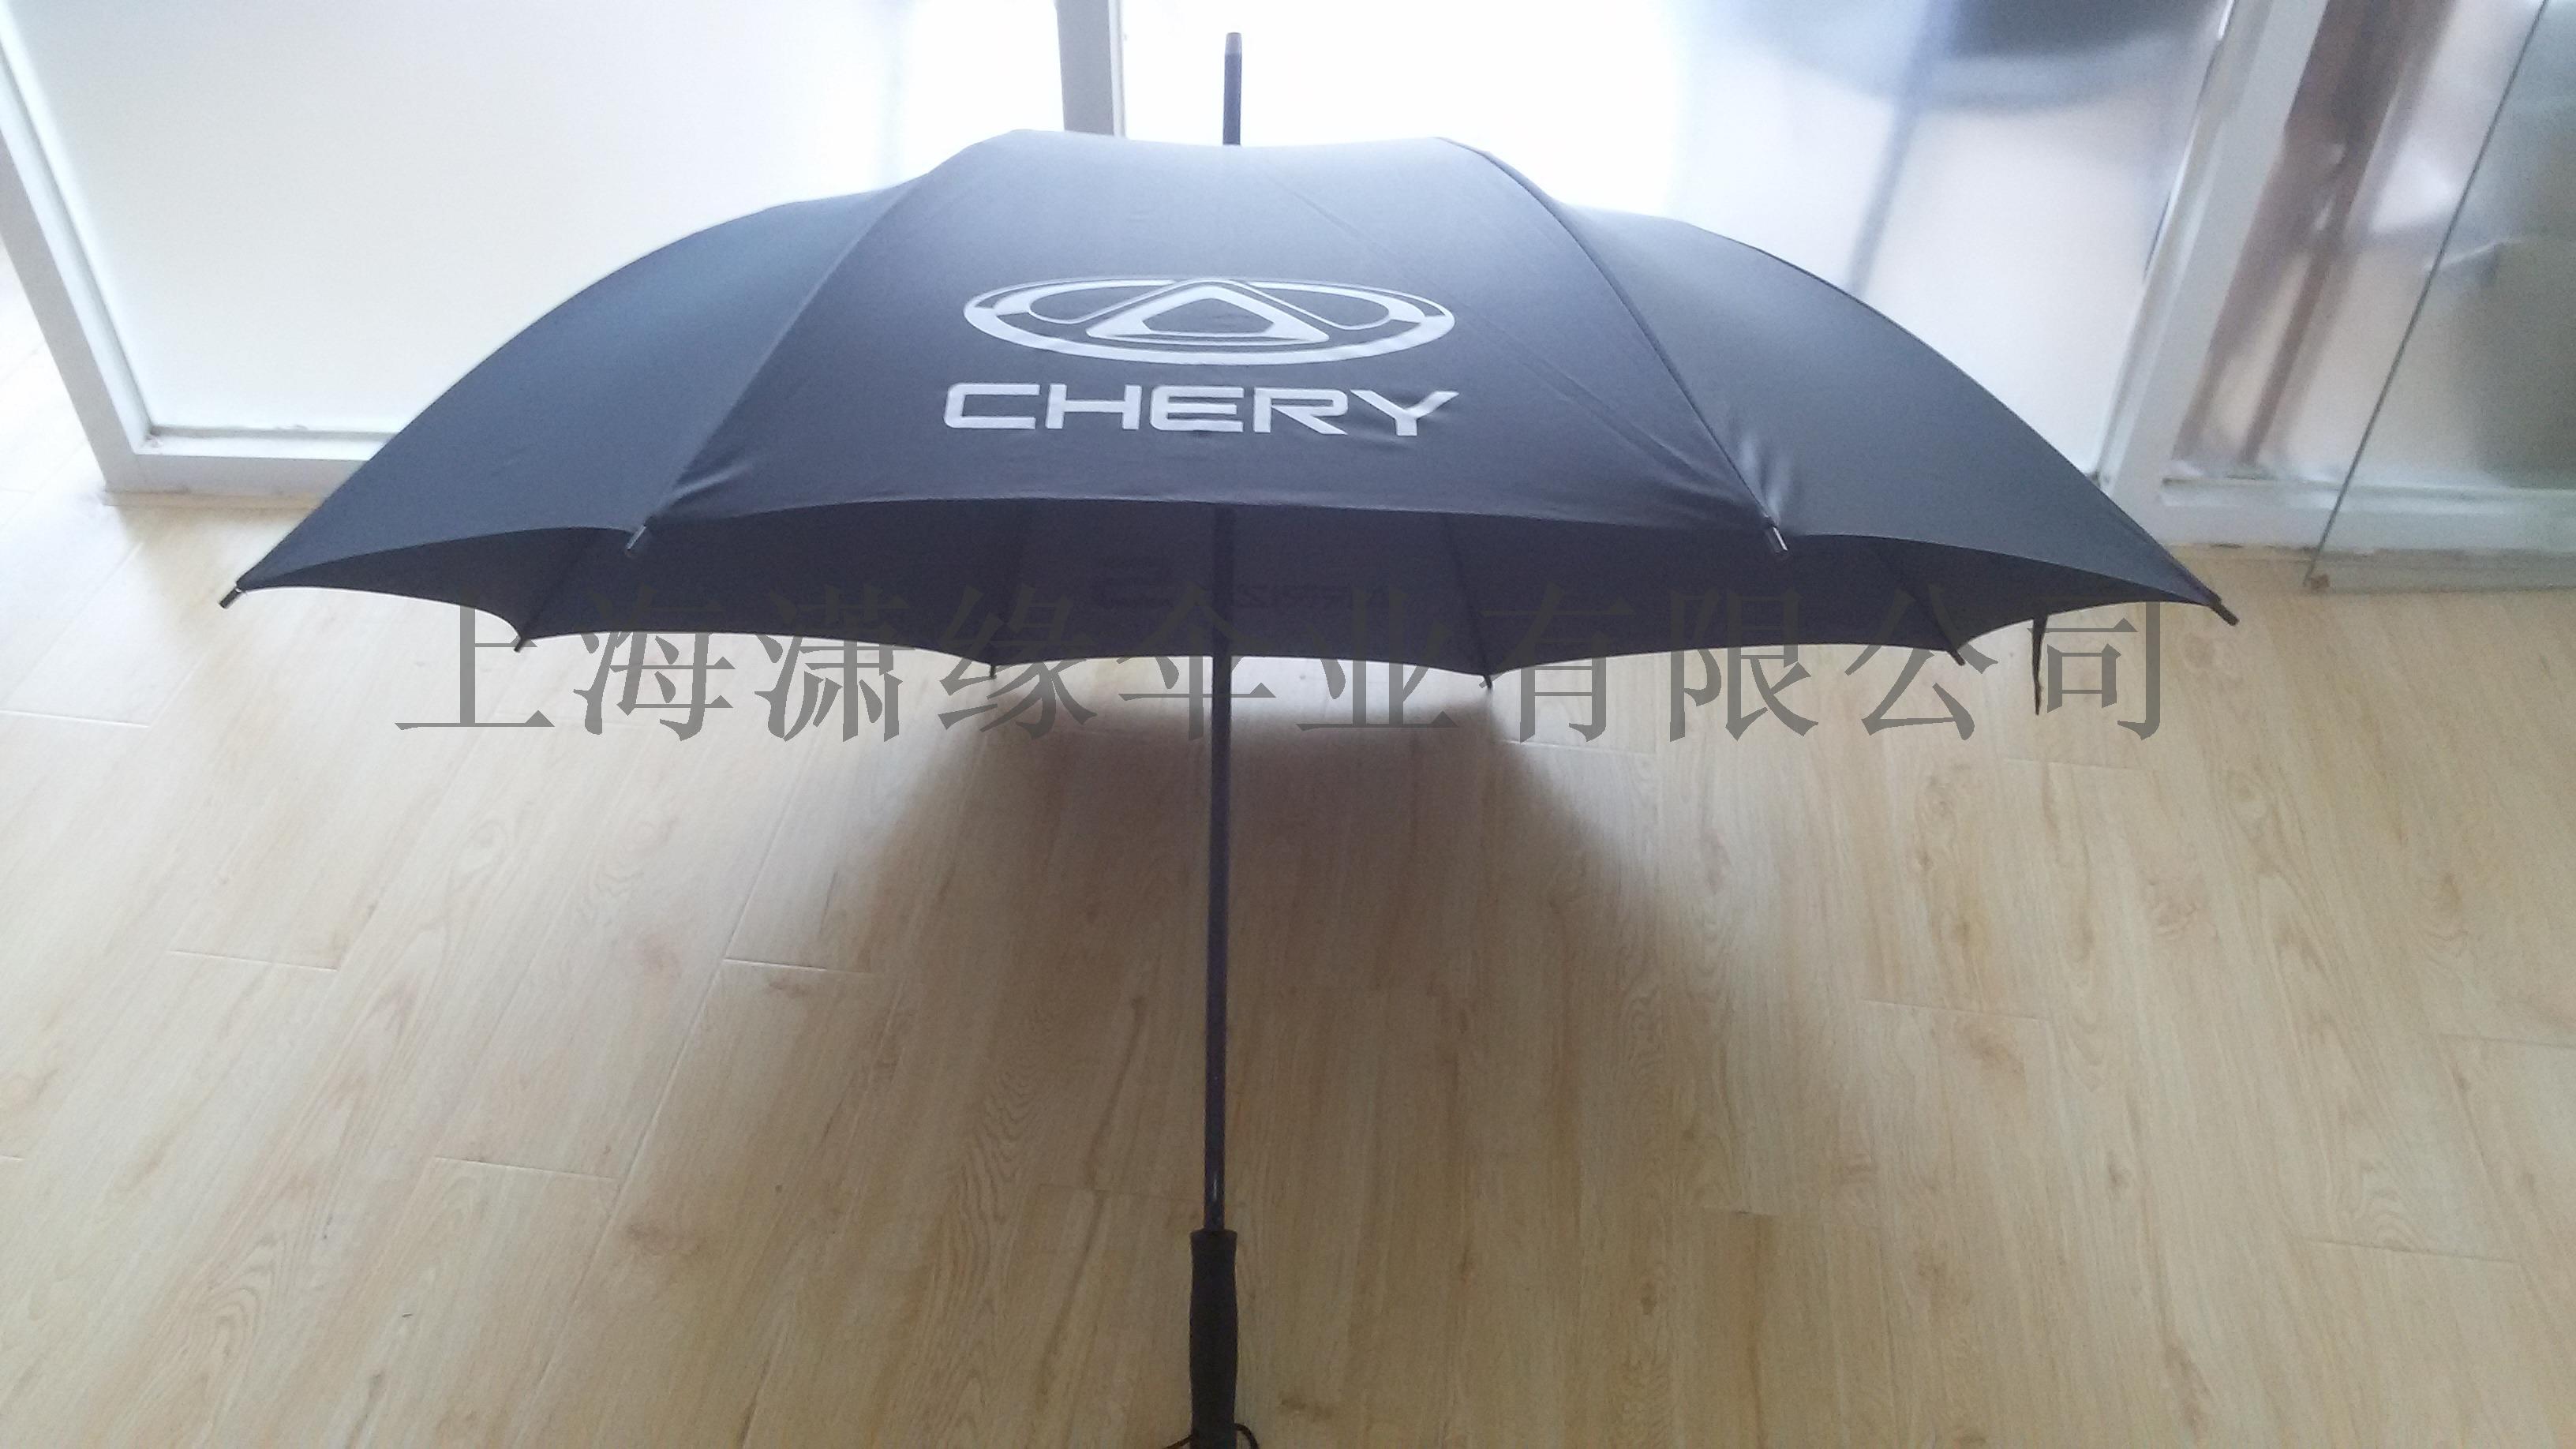 广告遮阳伞 广告雨伞 奥迪汽车广告伞 木中棒伞117170652